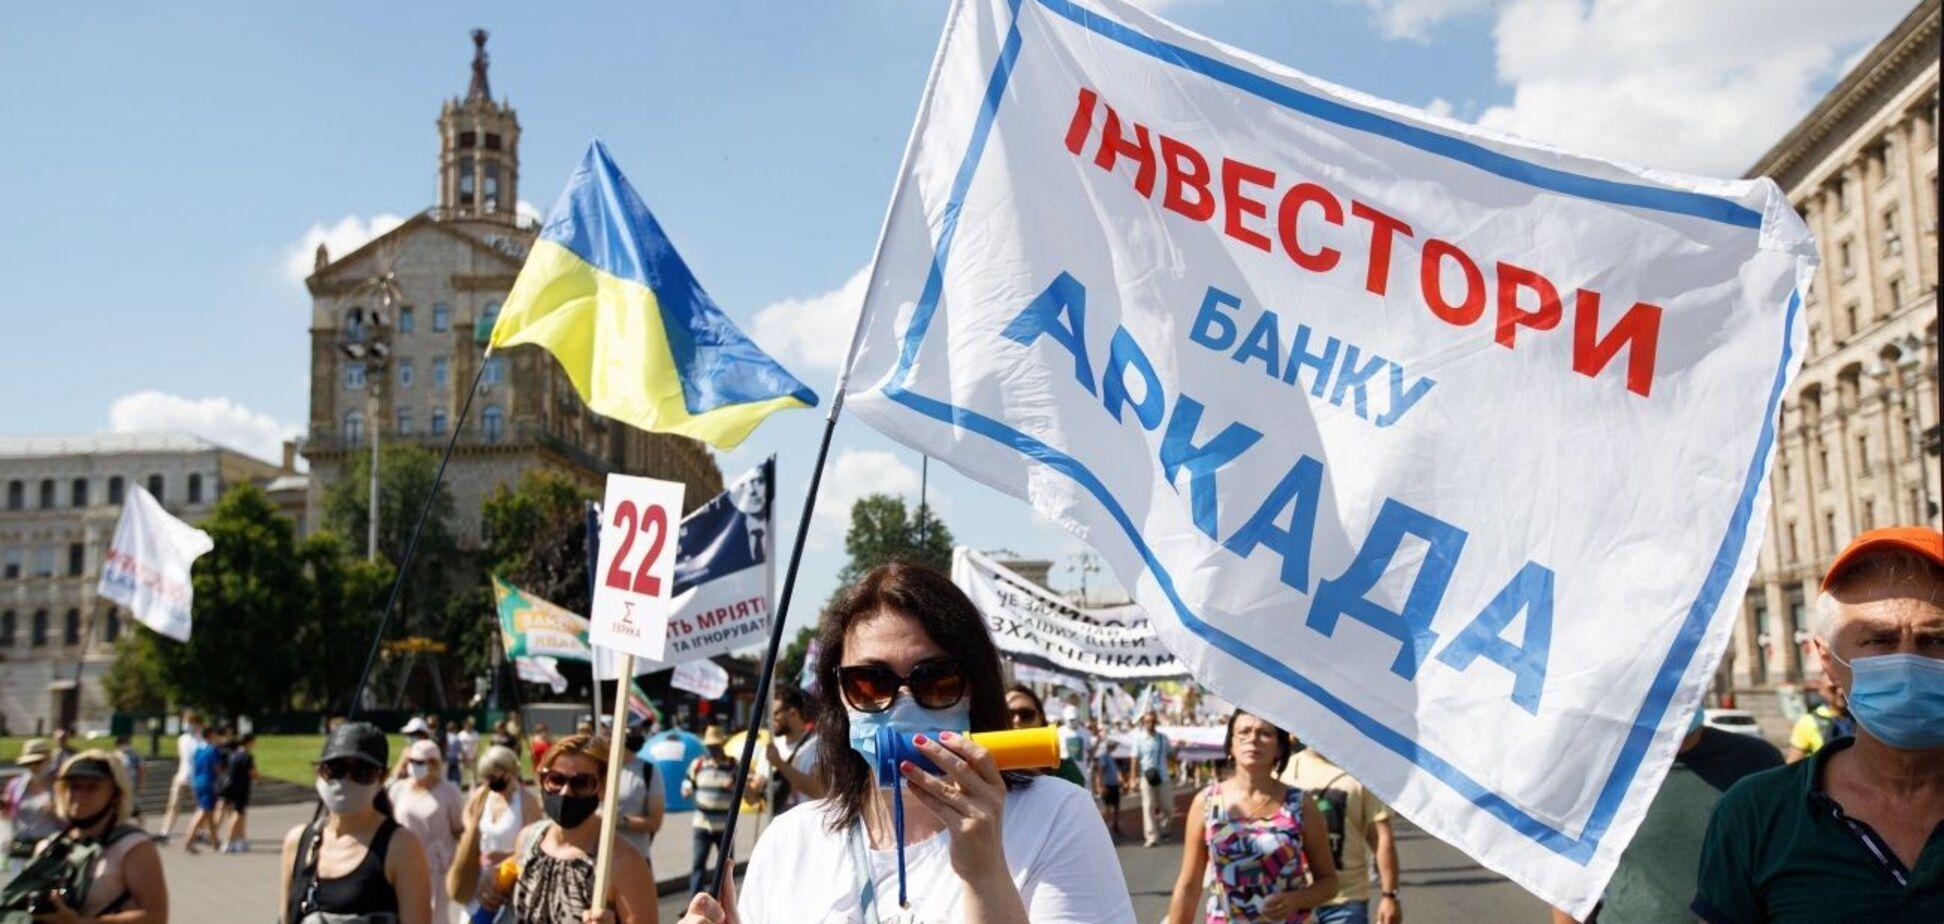 Вкладчикам обанкротившейся 'Аркады' вернули более 70 млн грн: как получить свои деньги